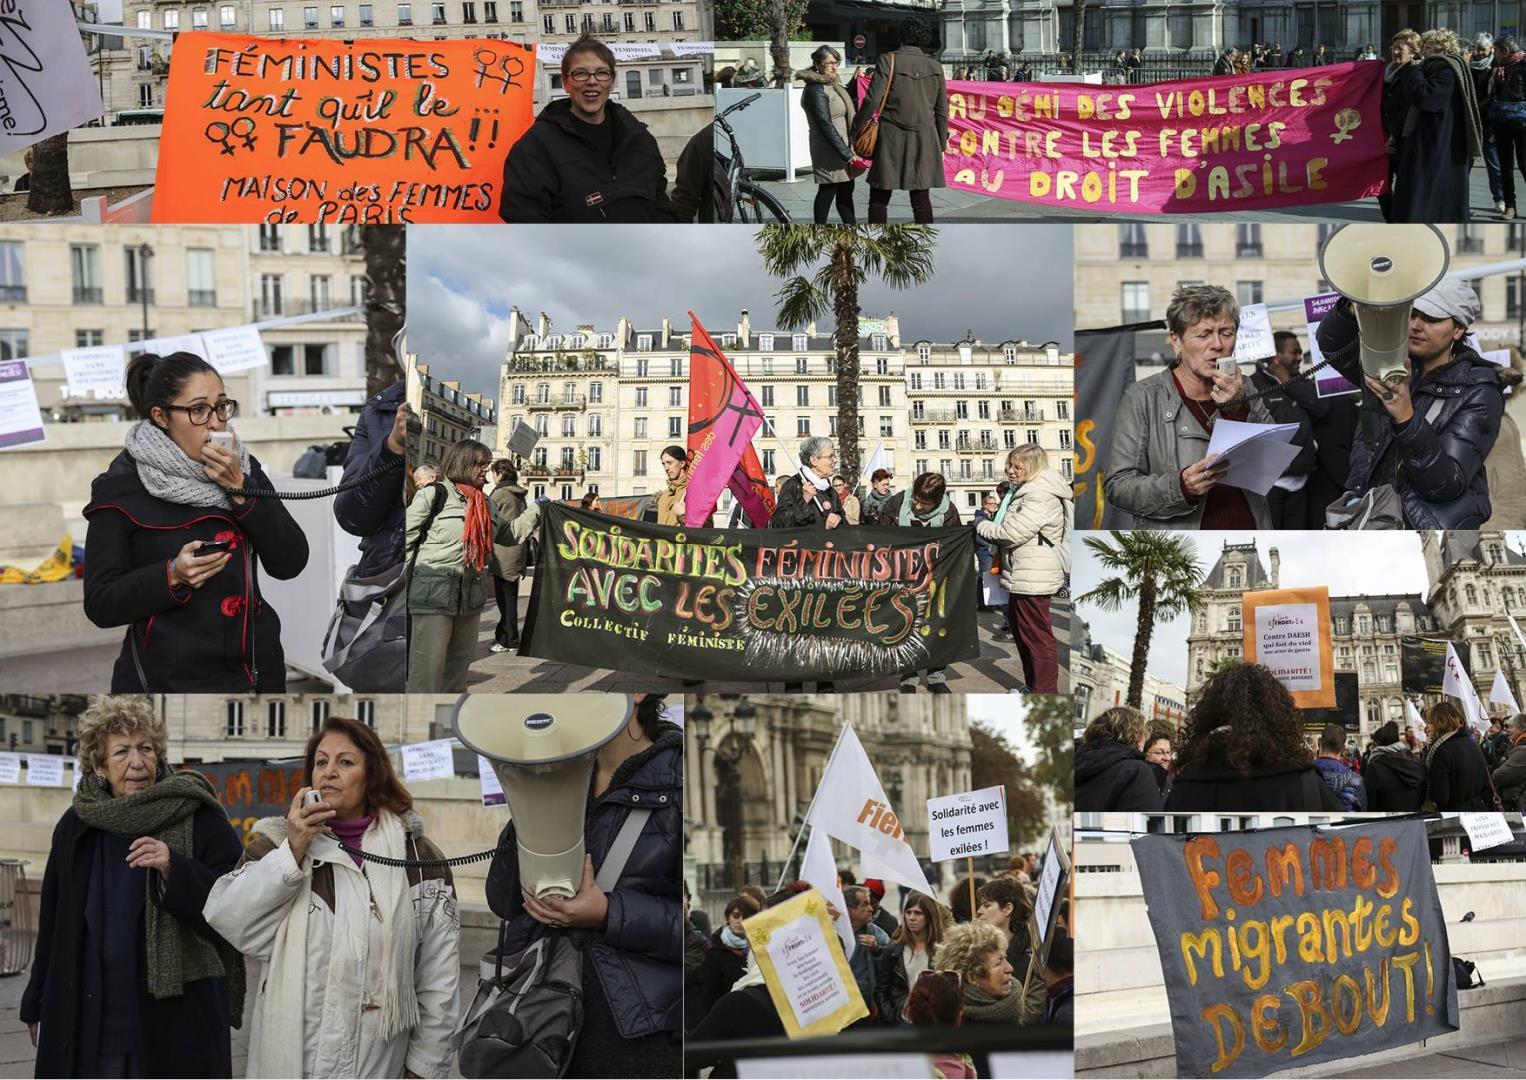 Pour soutenir la Maison des femmes en 2020 : Adhérez ! - Maison des Femmes de Paris